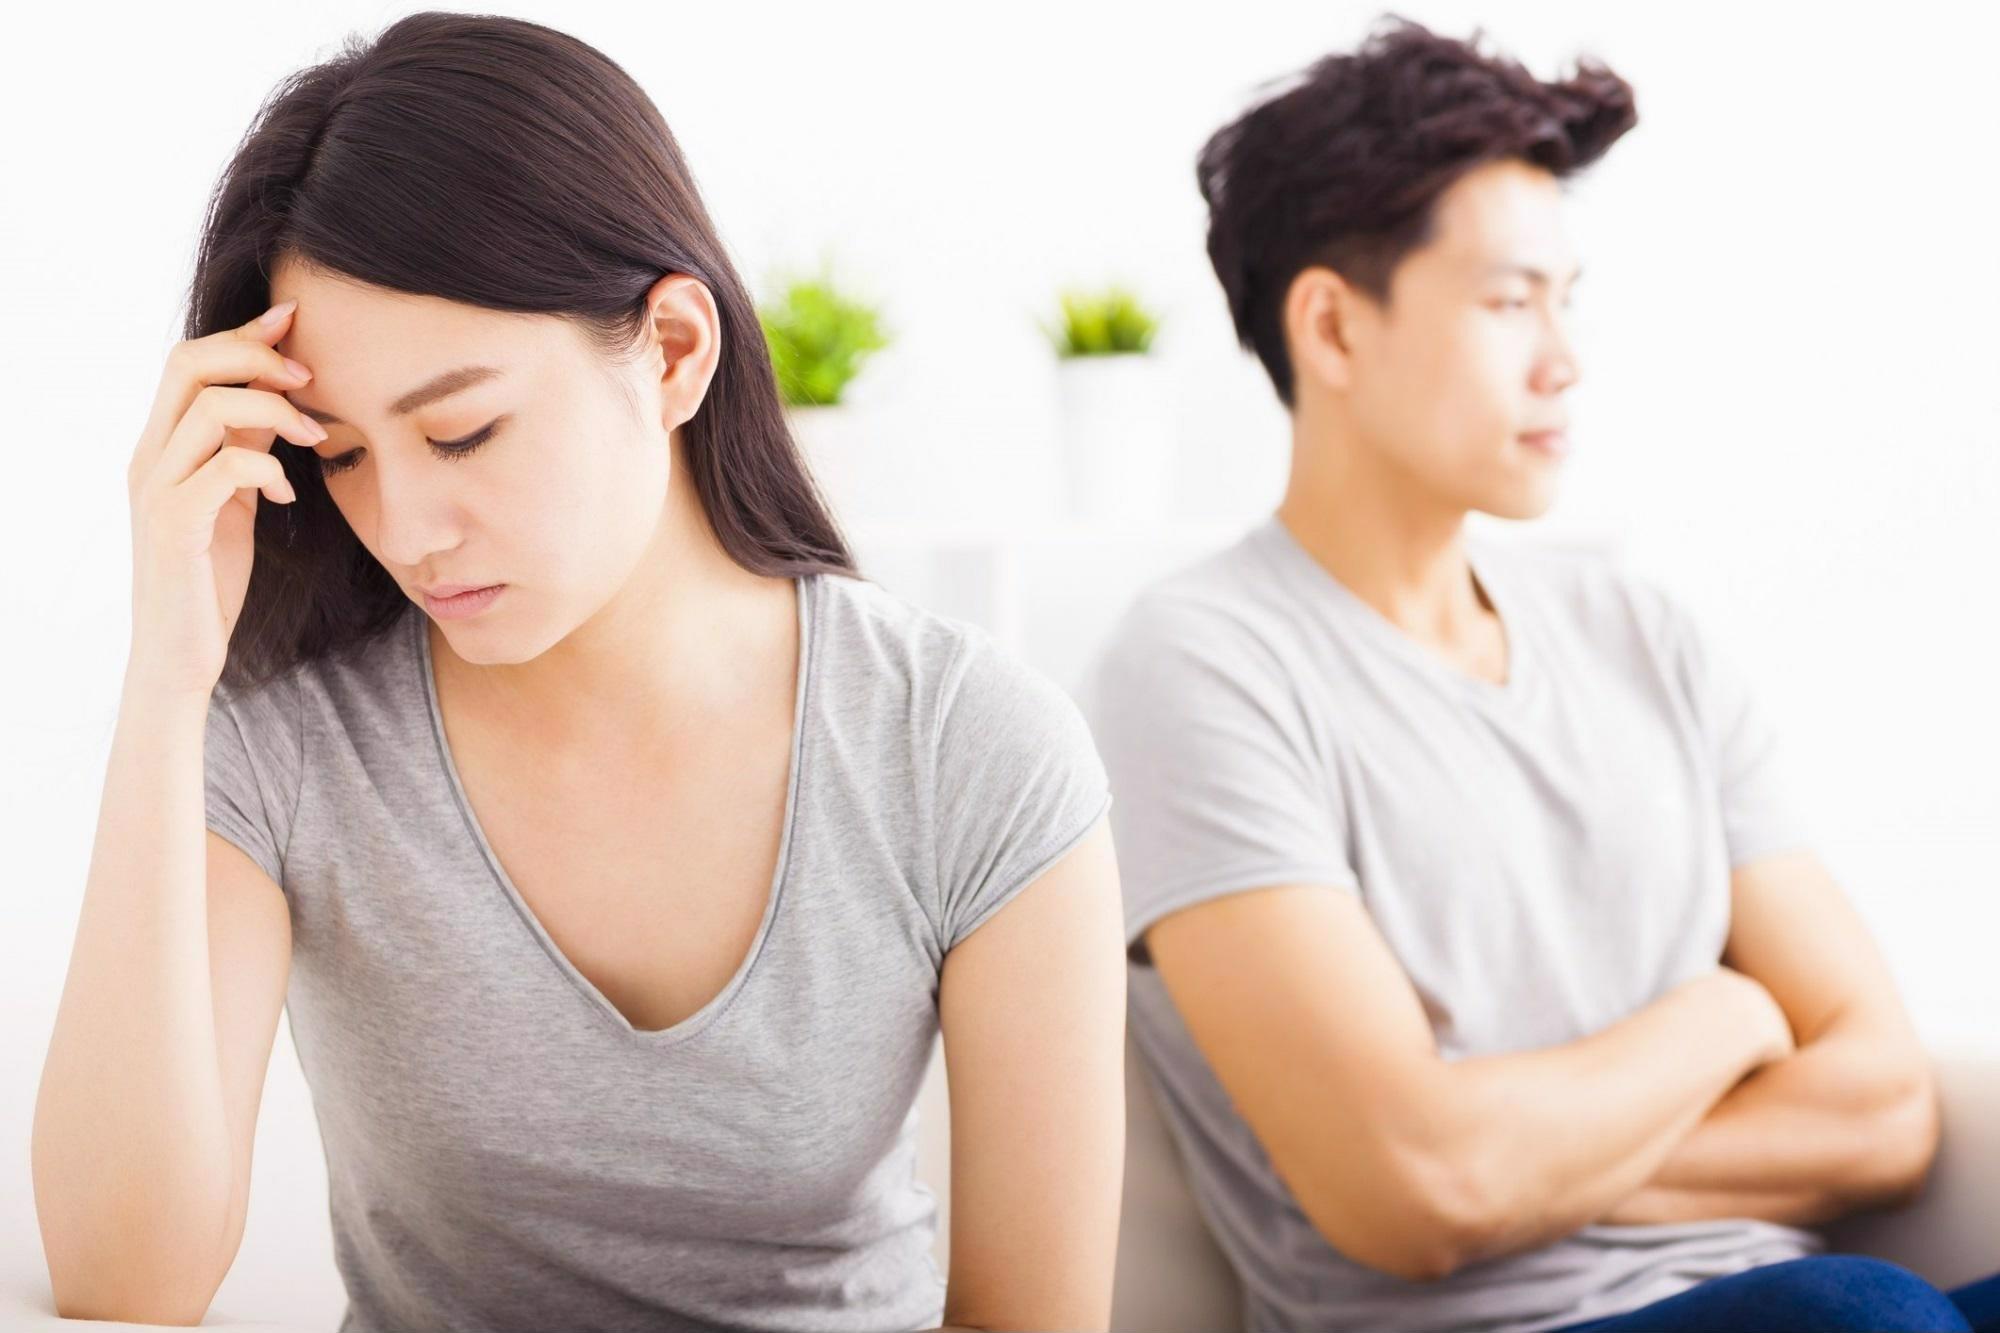 Lỗi không hoàn toàn ở phụ nữ, đây là những cái sai của đàn ông Việt Nam khiến hôn nhân đổ vỡ - Hình 2